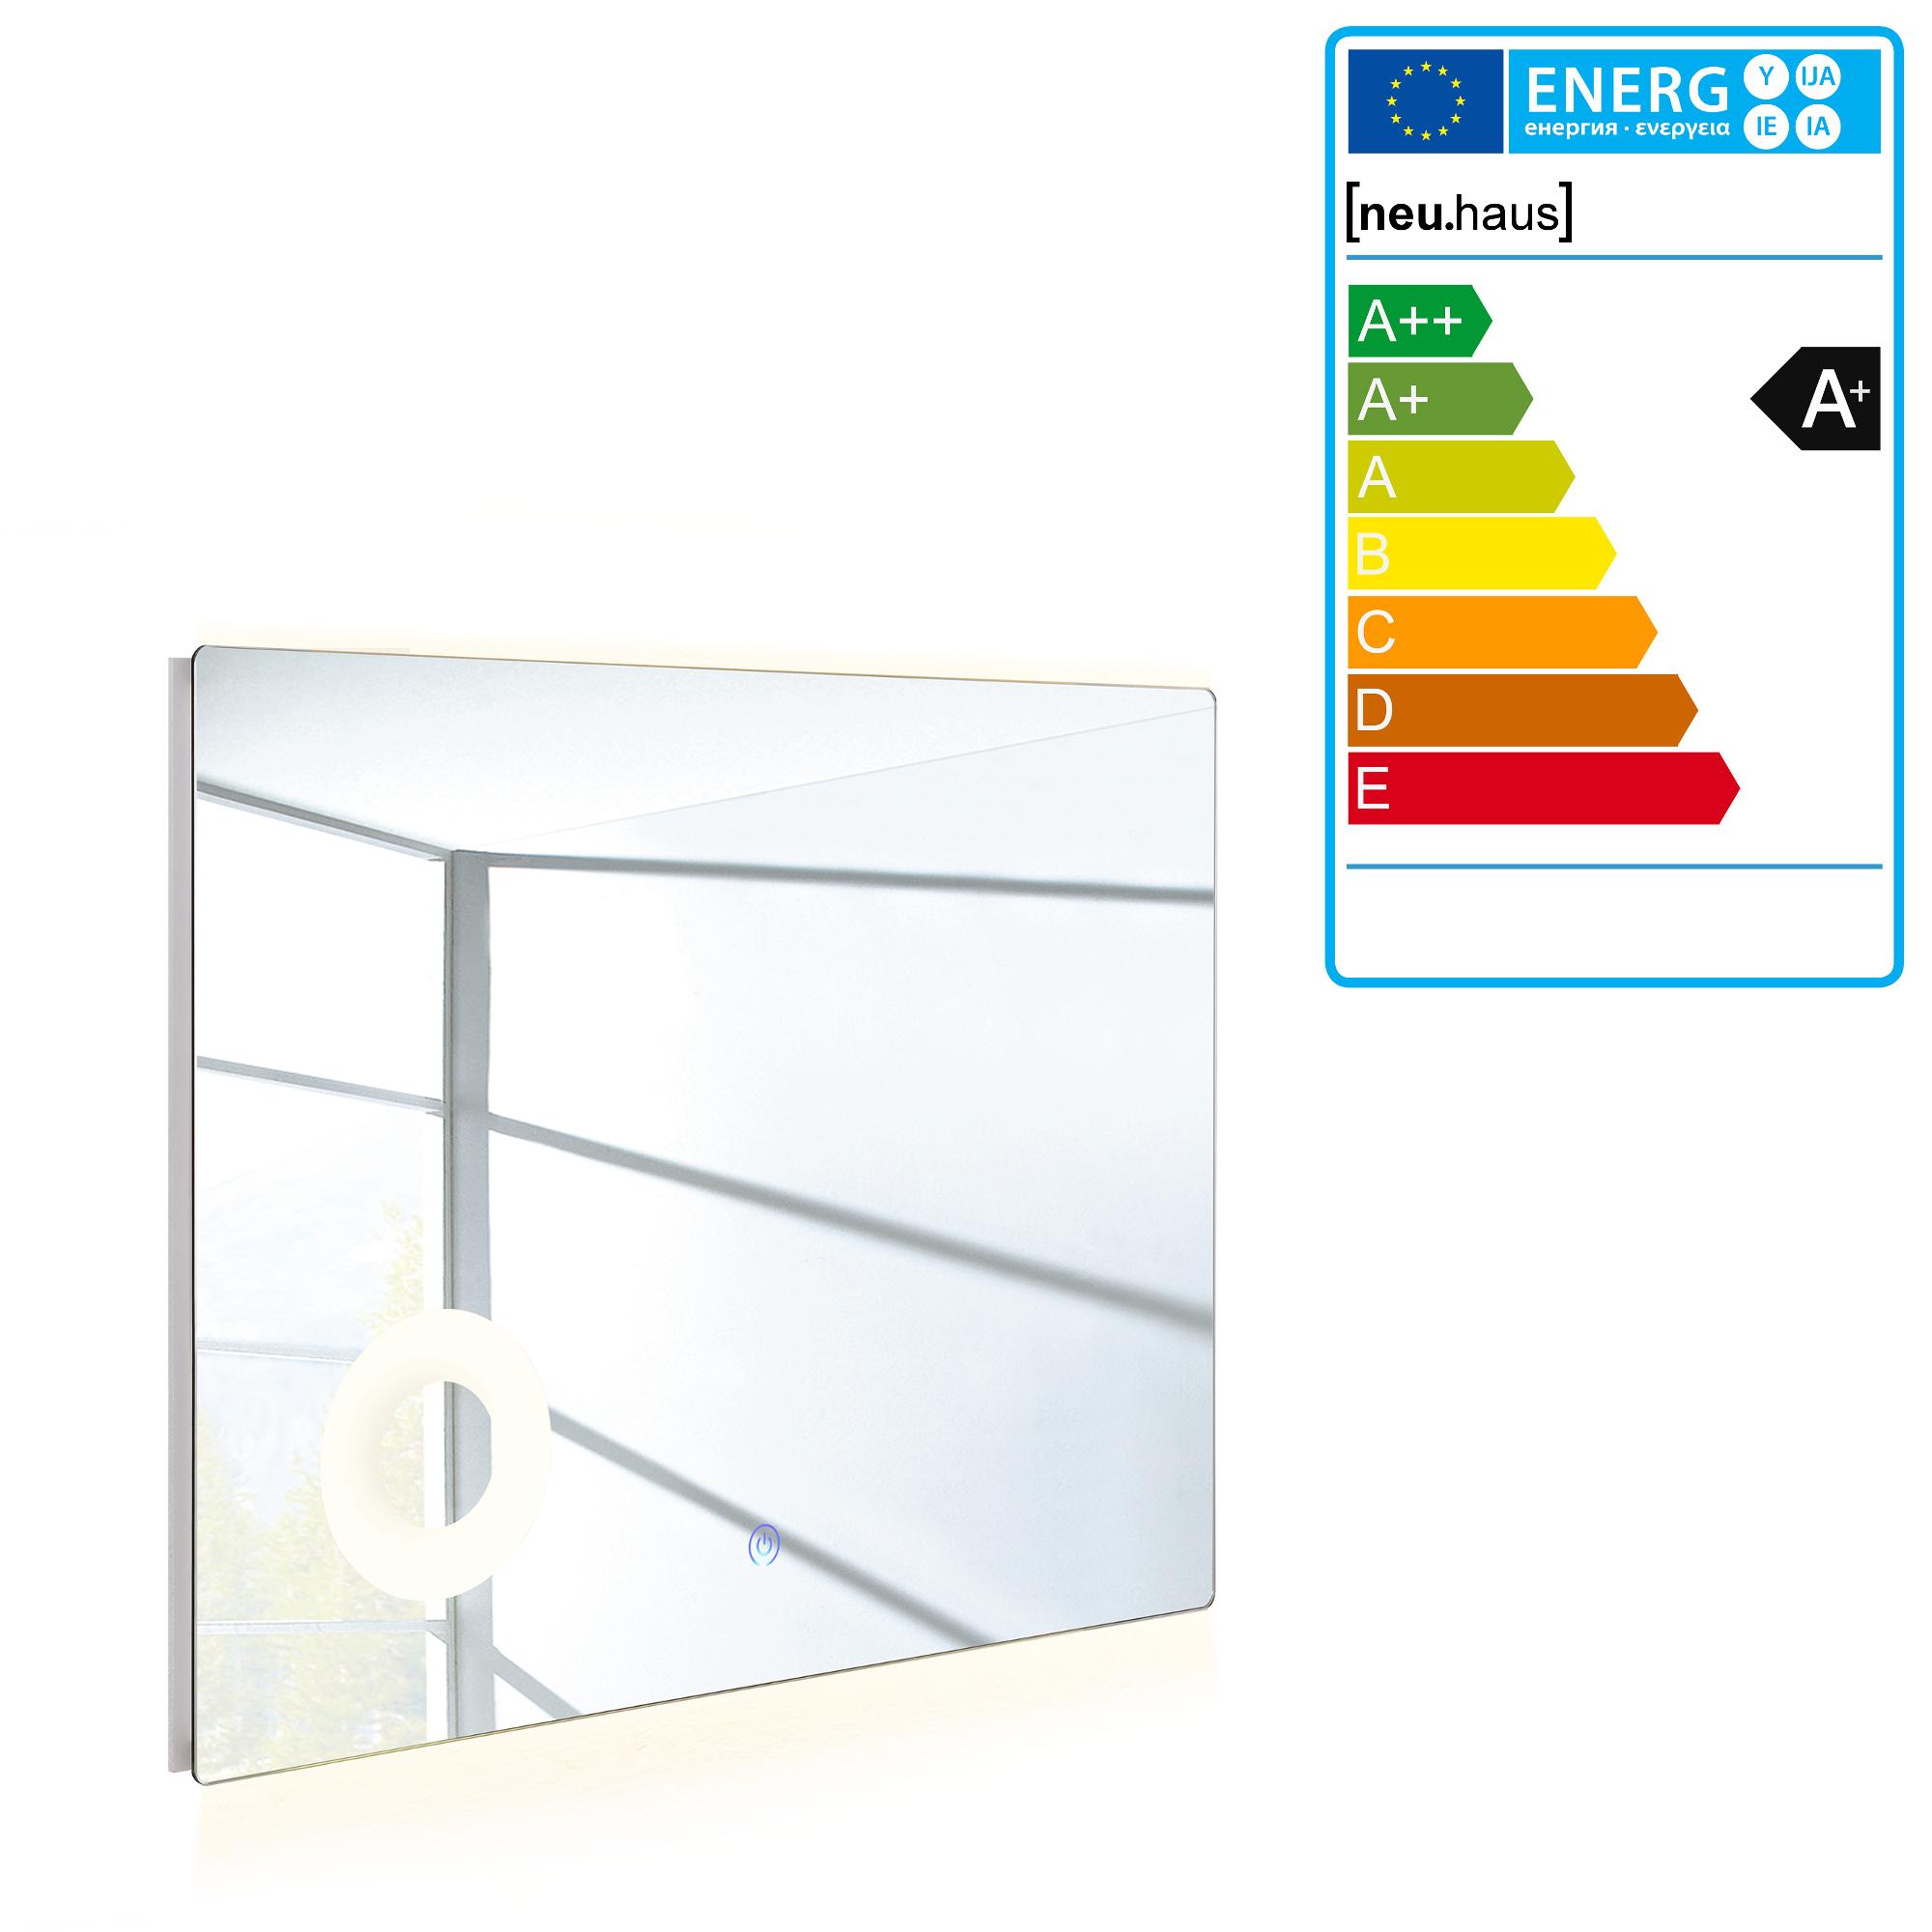 Led badezimmerspiegel wandspiegel spiegel kosmetikspiegel 50 x 70 cm ebay - Badspiegel 50 x 70 ...